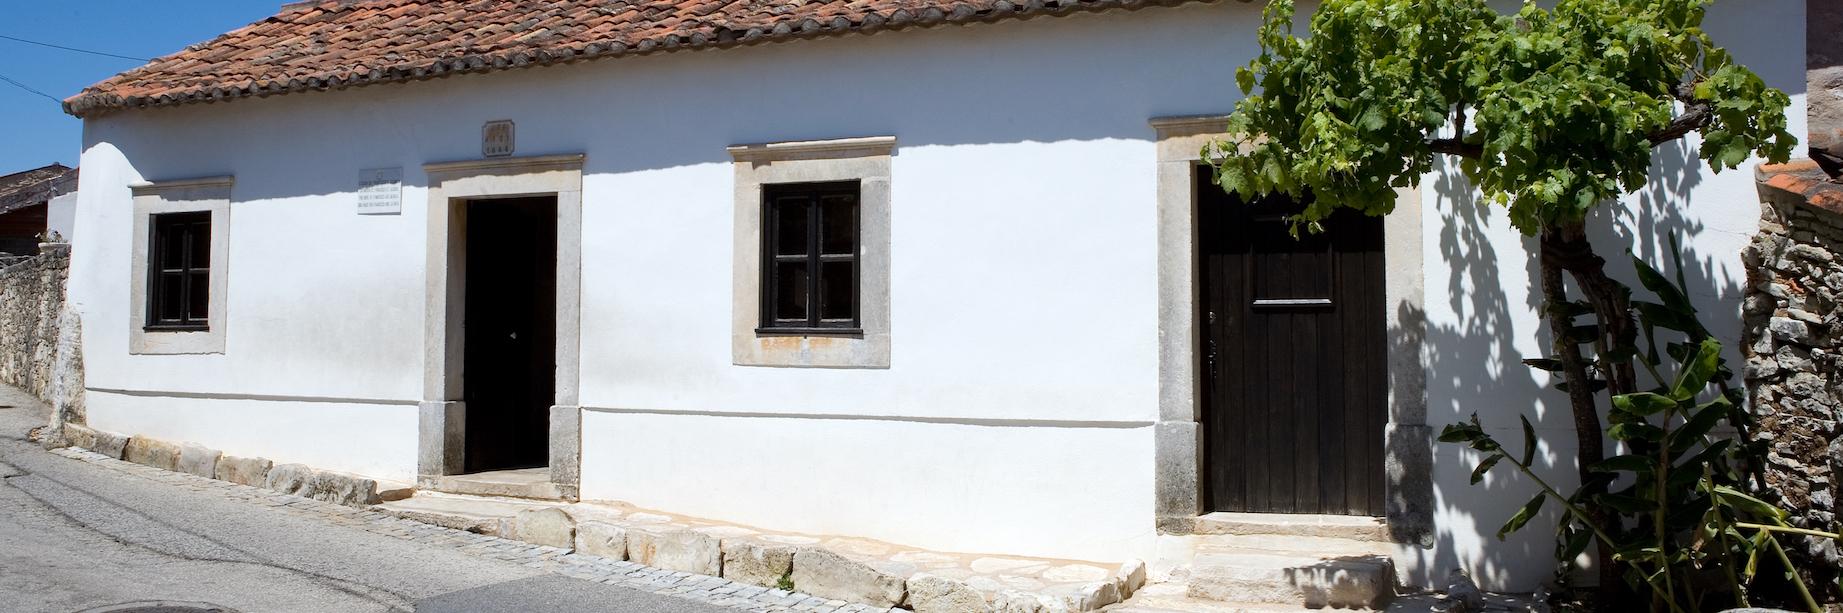 Casa do Francisco e da Jacinta.jpg